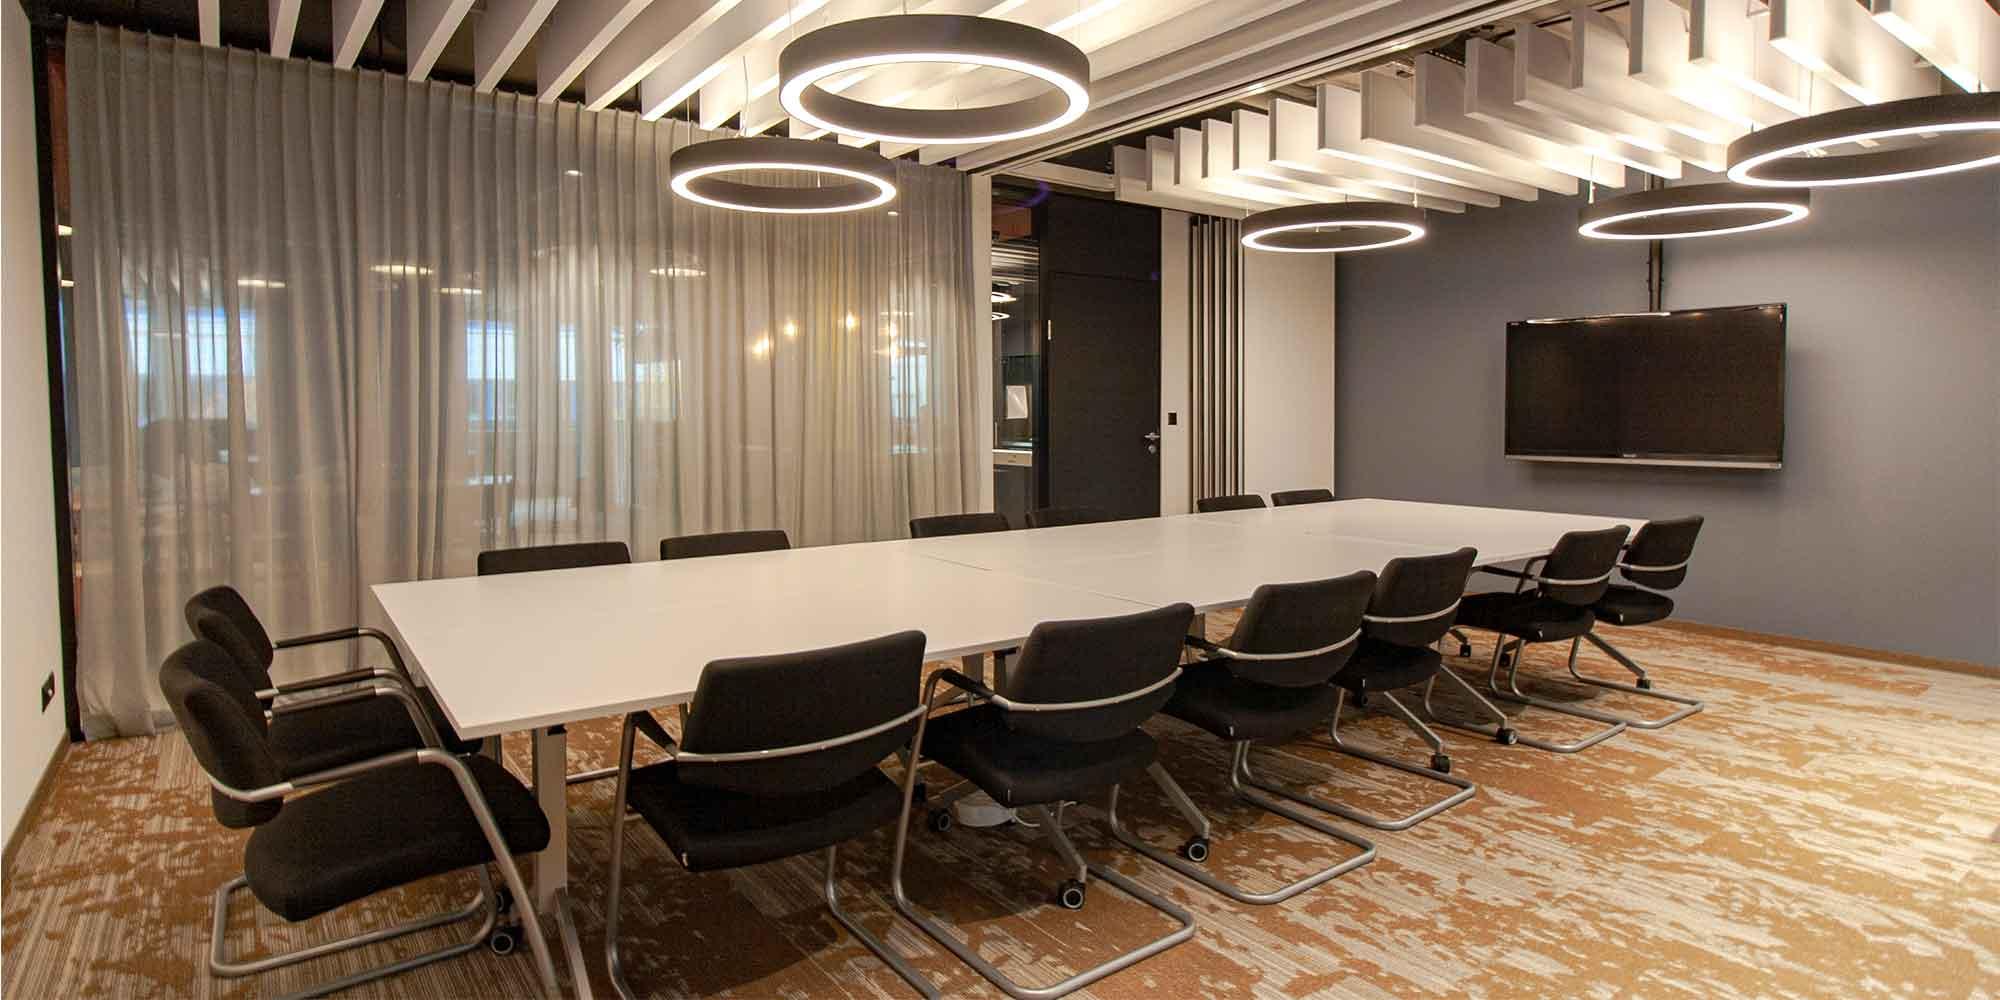 Dieses Sitzungszimmer ist mit mehreren Ringostar Pendeleluchten von lightnet ausgestattet. Diese geben eine optimale Grundbeleuchtung und die Leuchte wirkt als element der Raumgestaltung